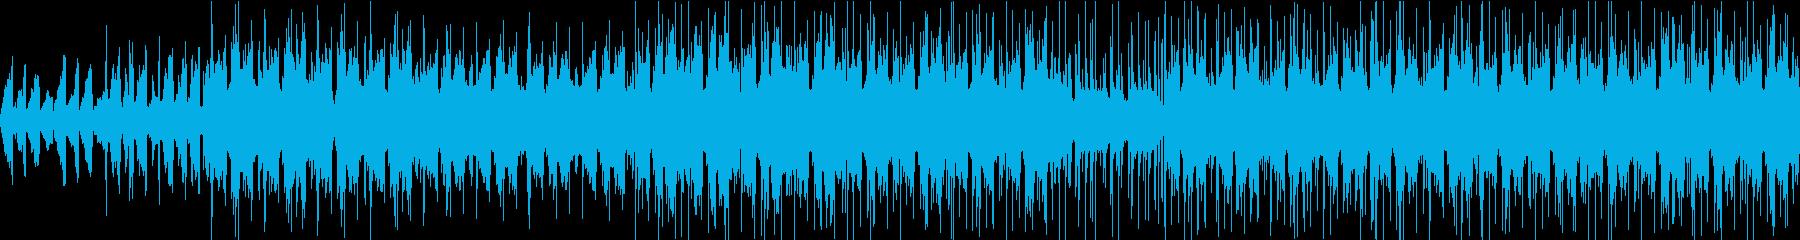 アンビエント感漂うEDM系ループBGMの再生済みの波形